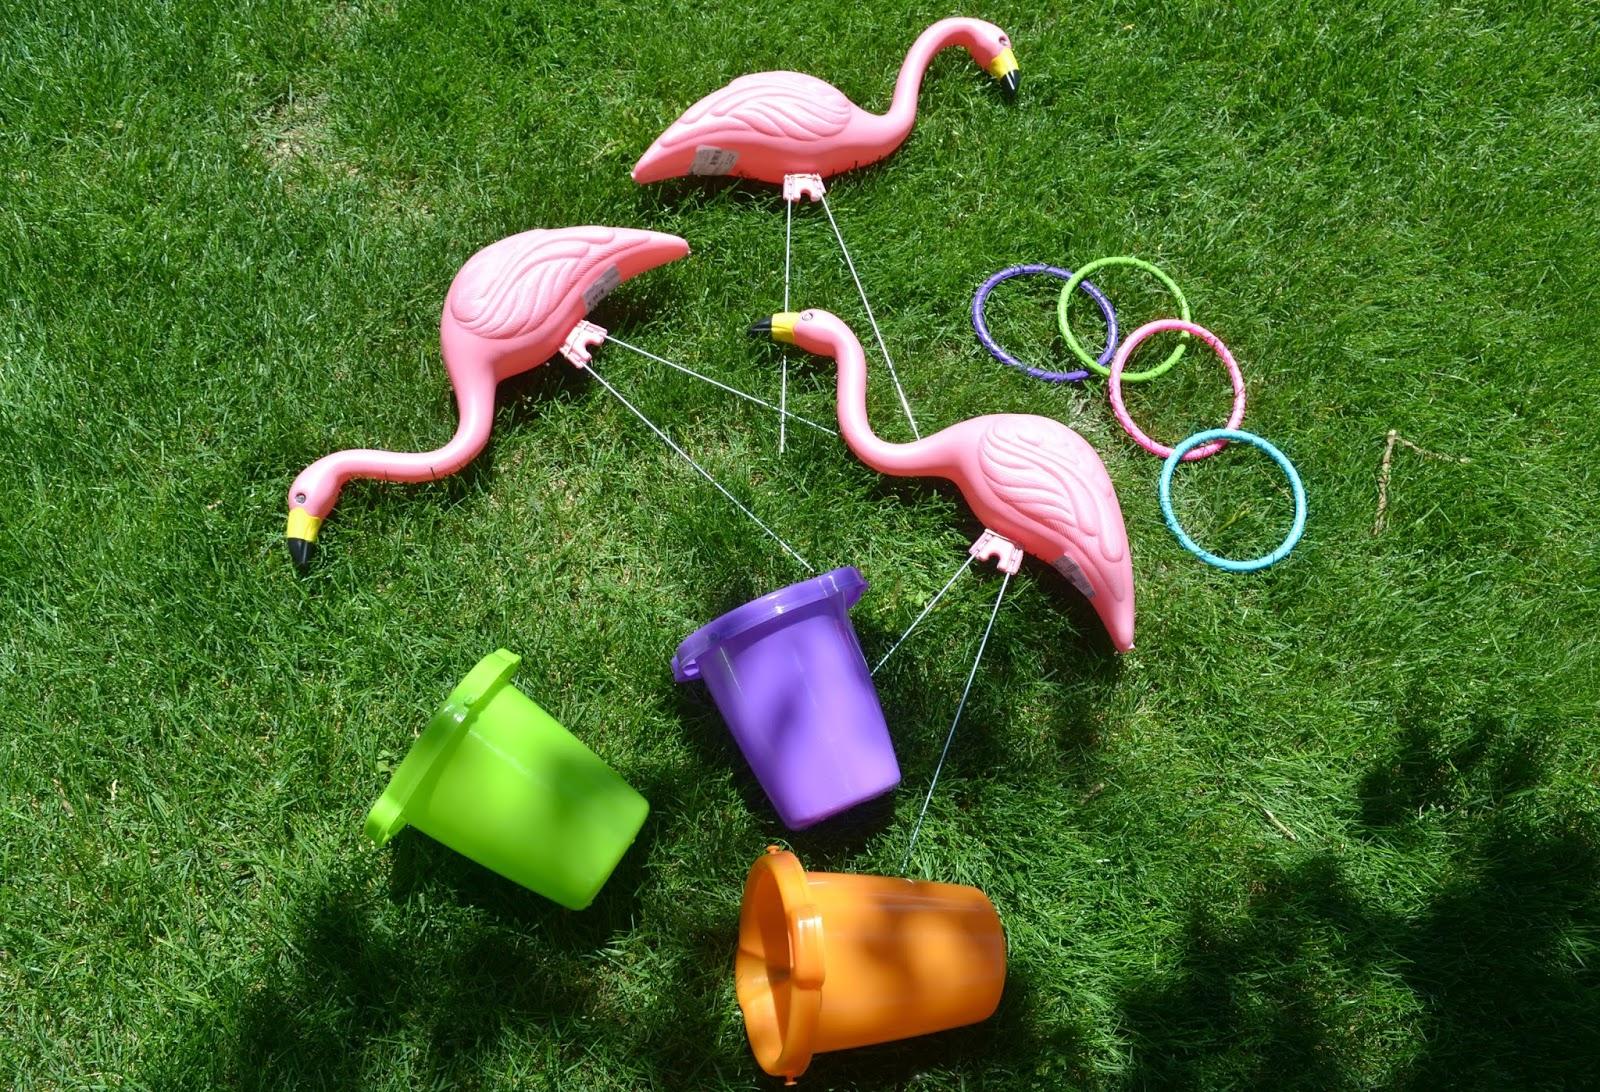 Ring toss games for kids - Flamingo Ring Toss